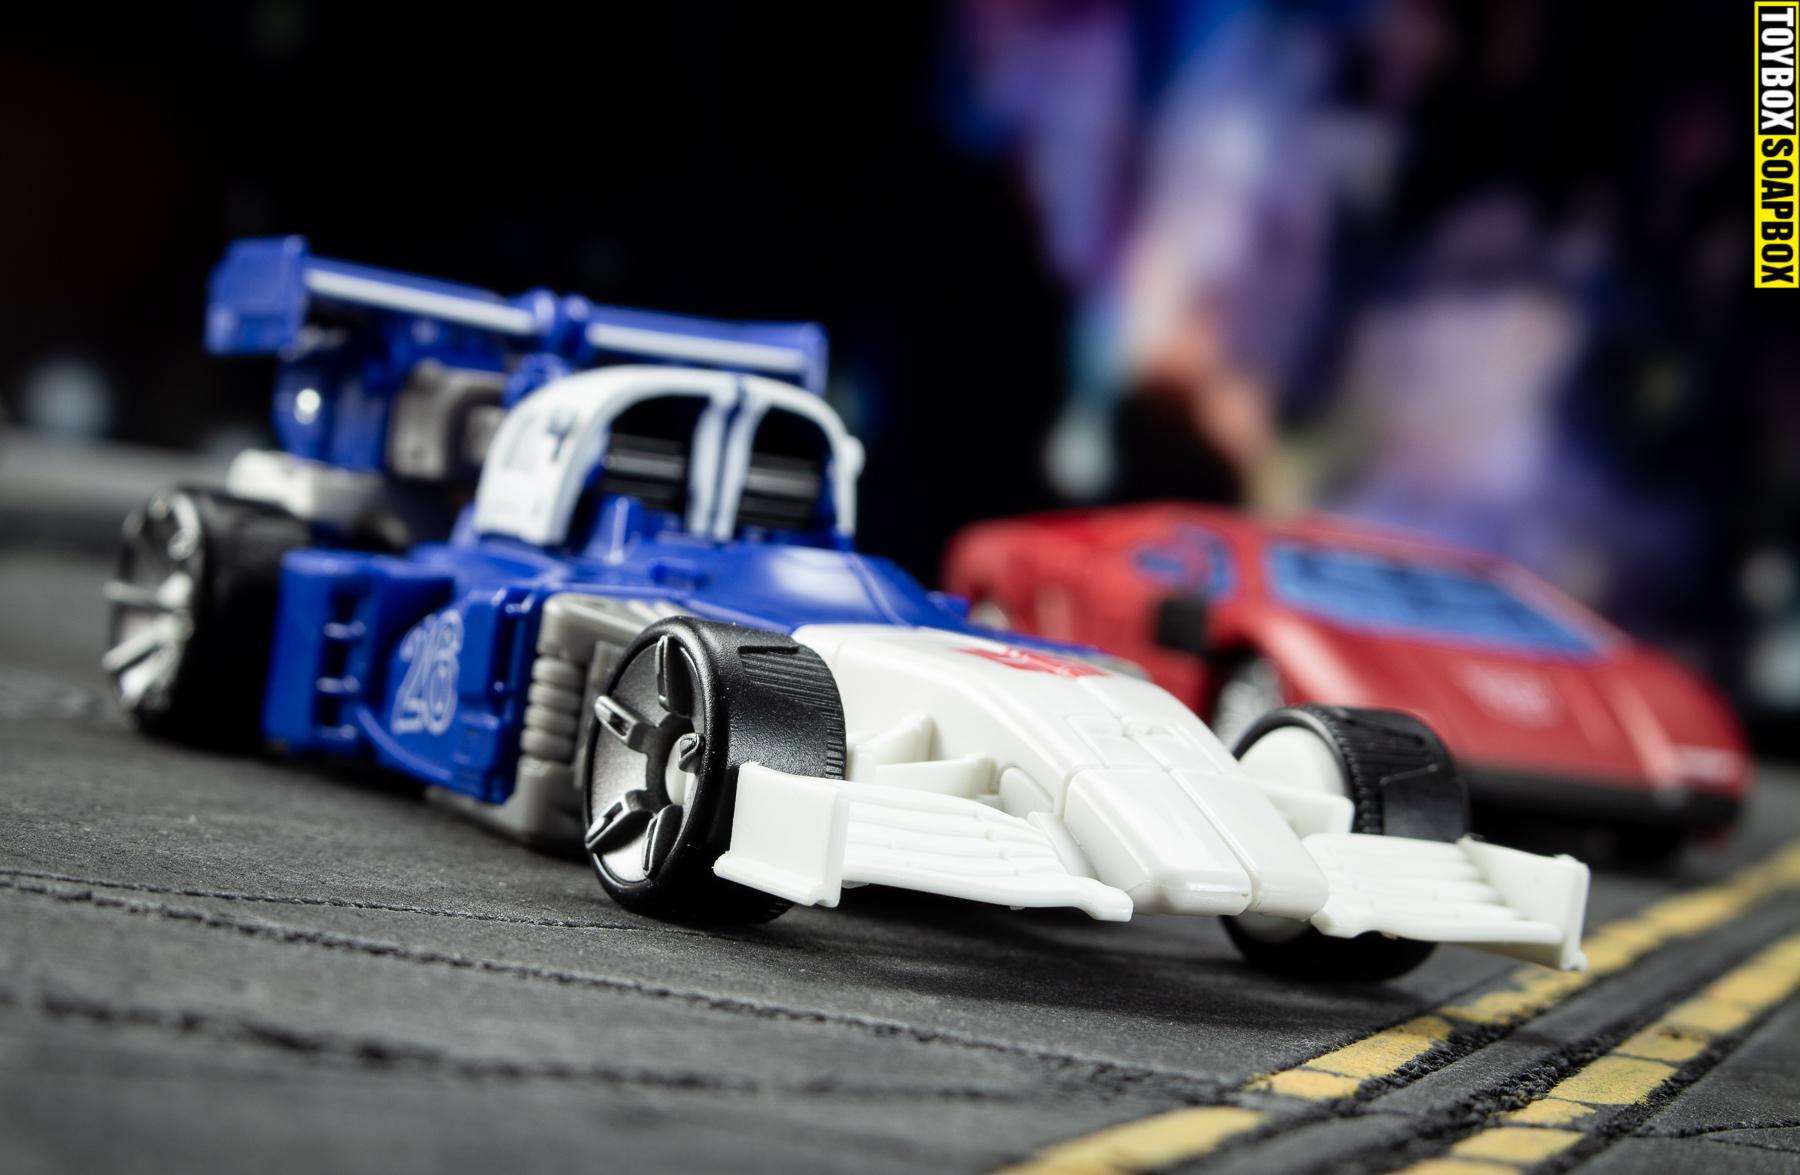 mirage-kingdom-f1-race-car